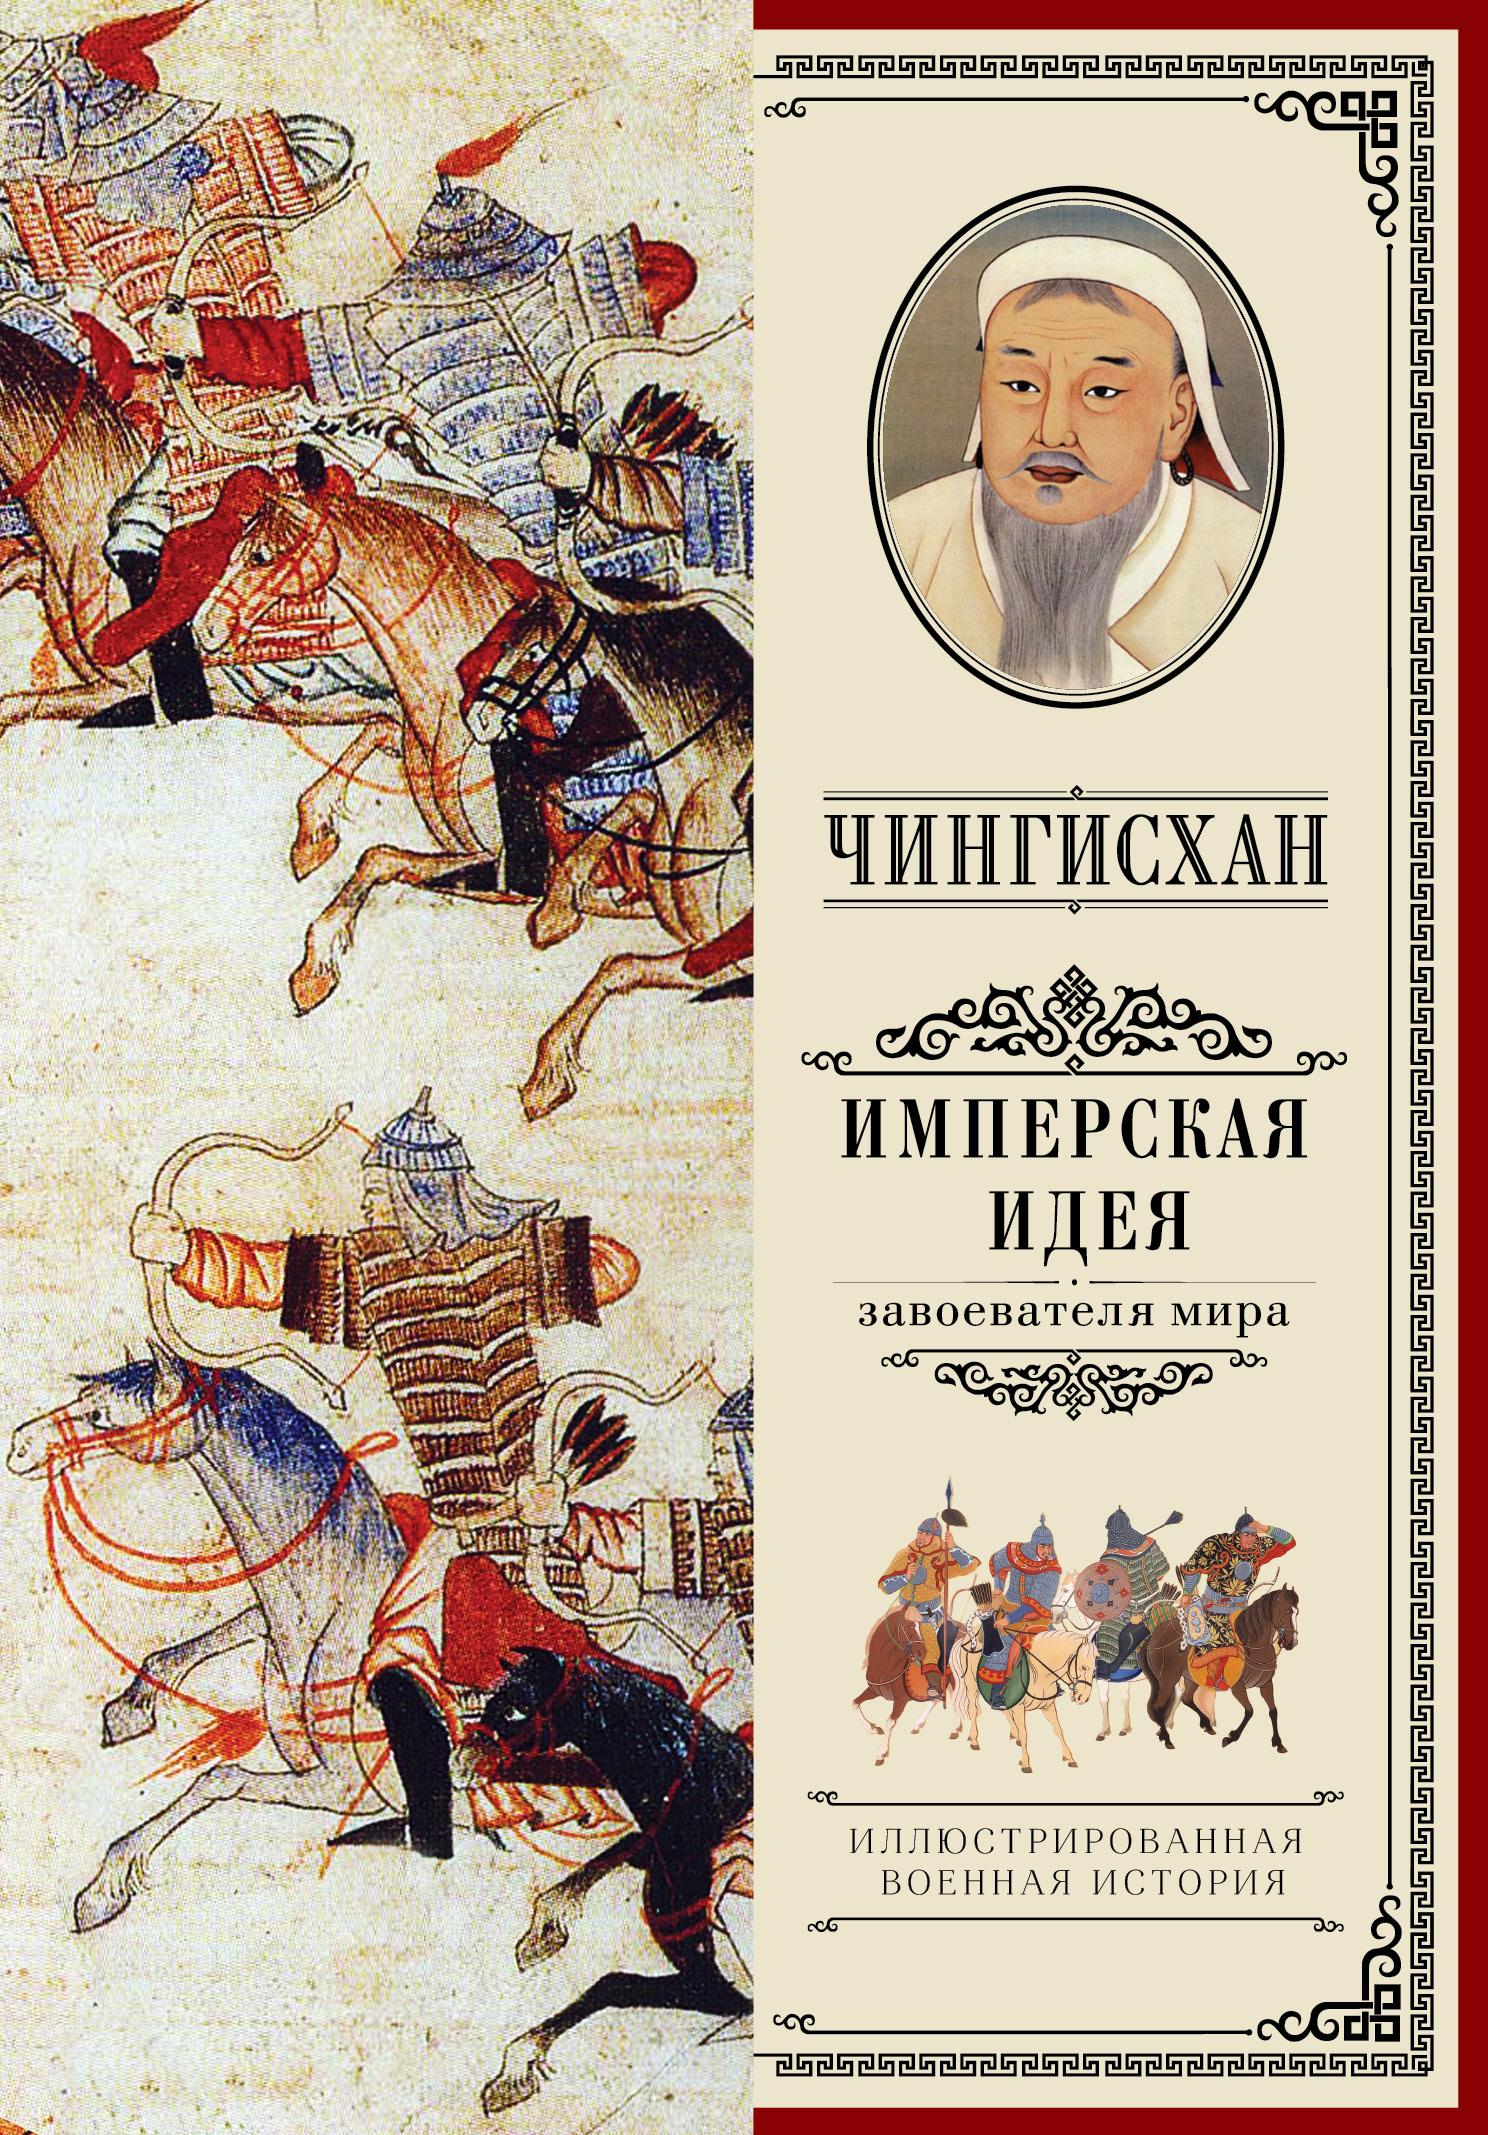 Чингисхан. Имперская идея